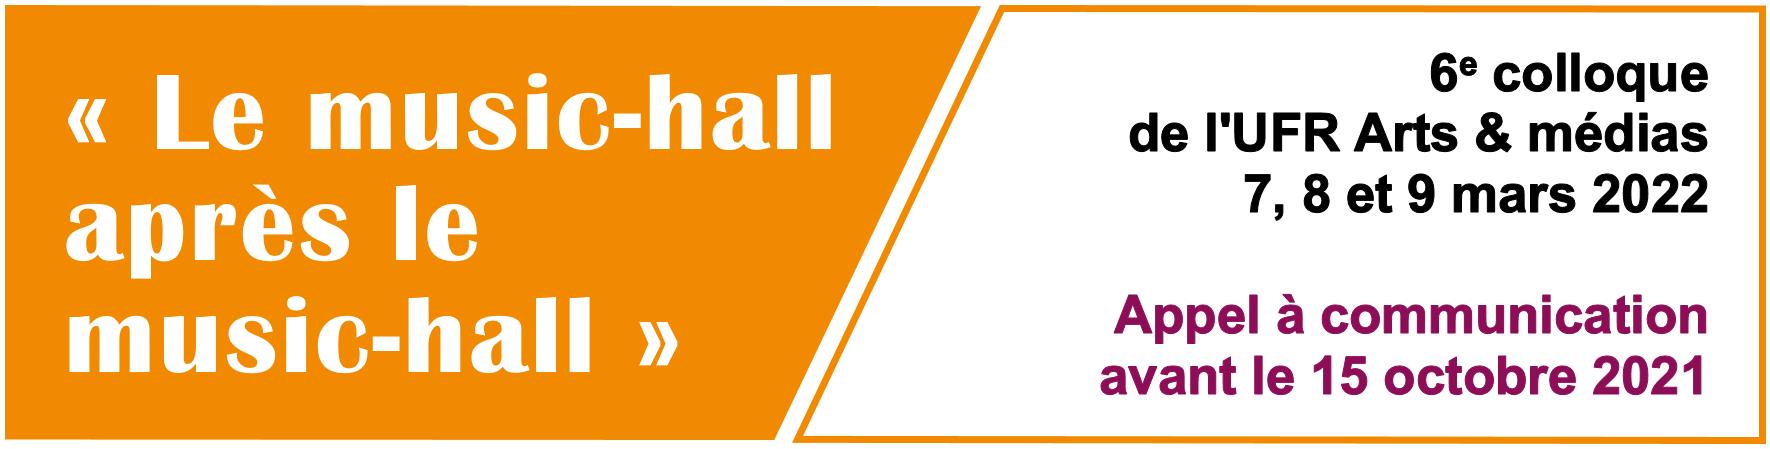 Colloque Le music-hall après le music-hall : appel à communication avant le 15 octobre 2021